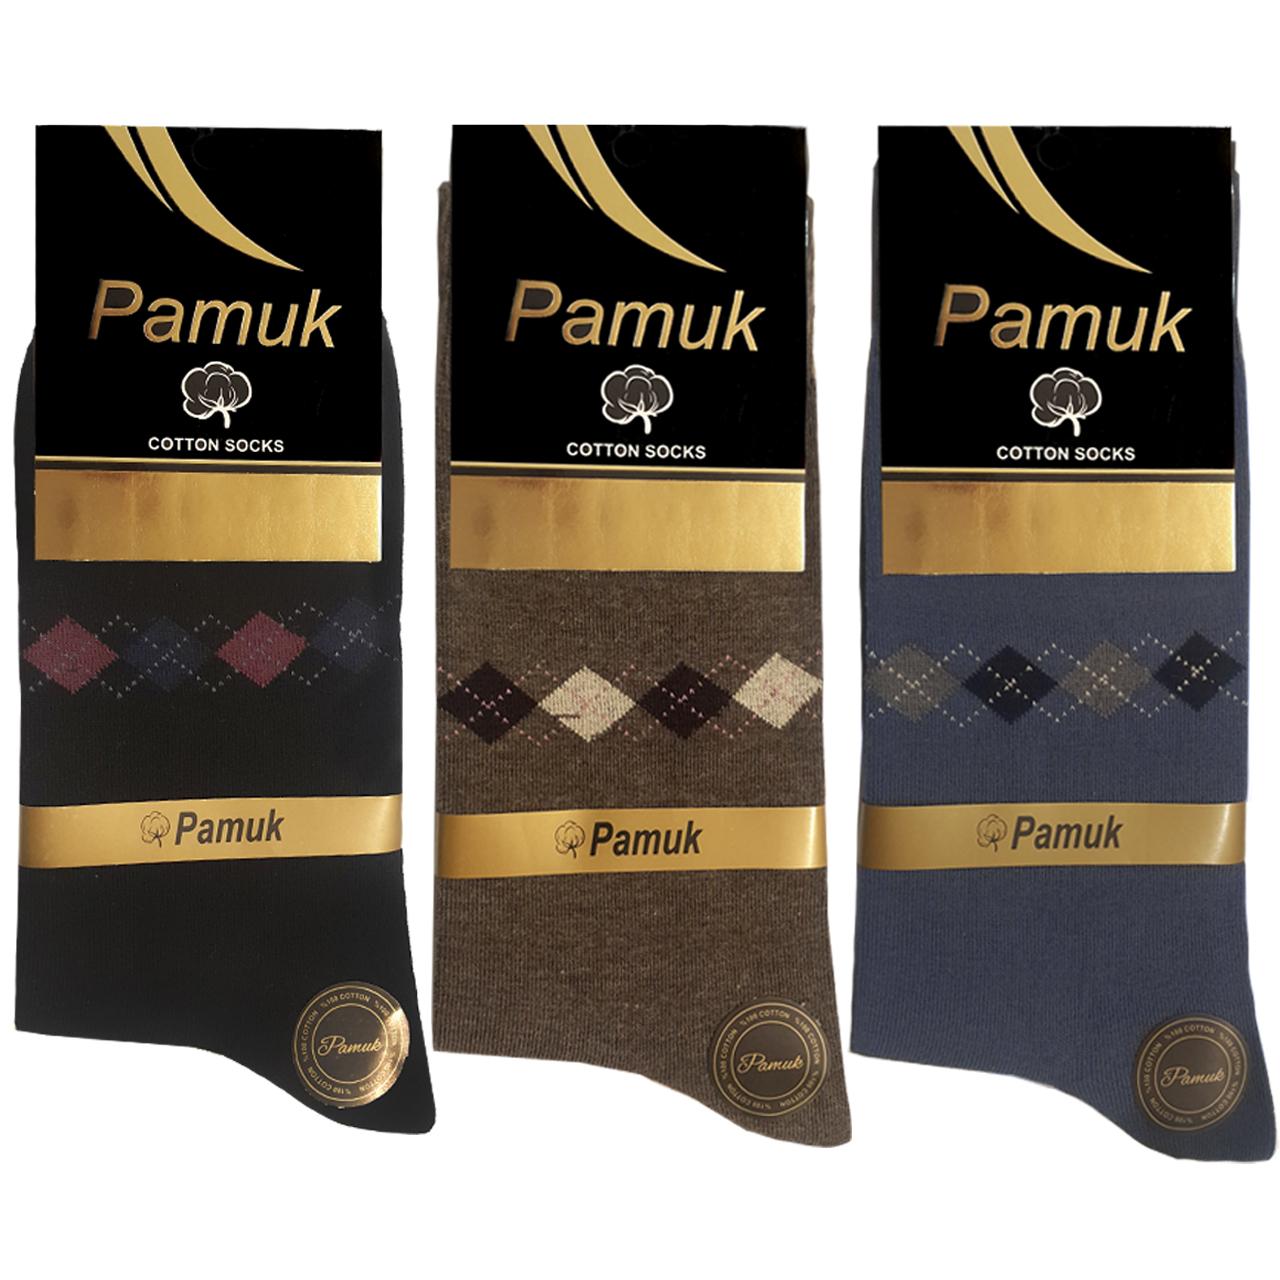 جوراب مردانه پاموک مدل 103.3 بسته ۳ عددی thumb